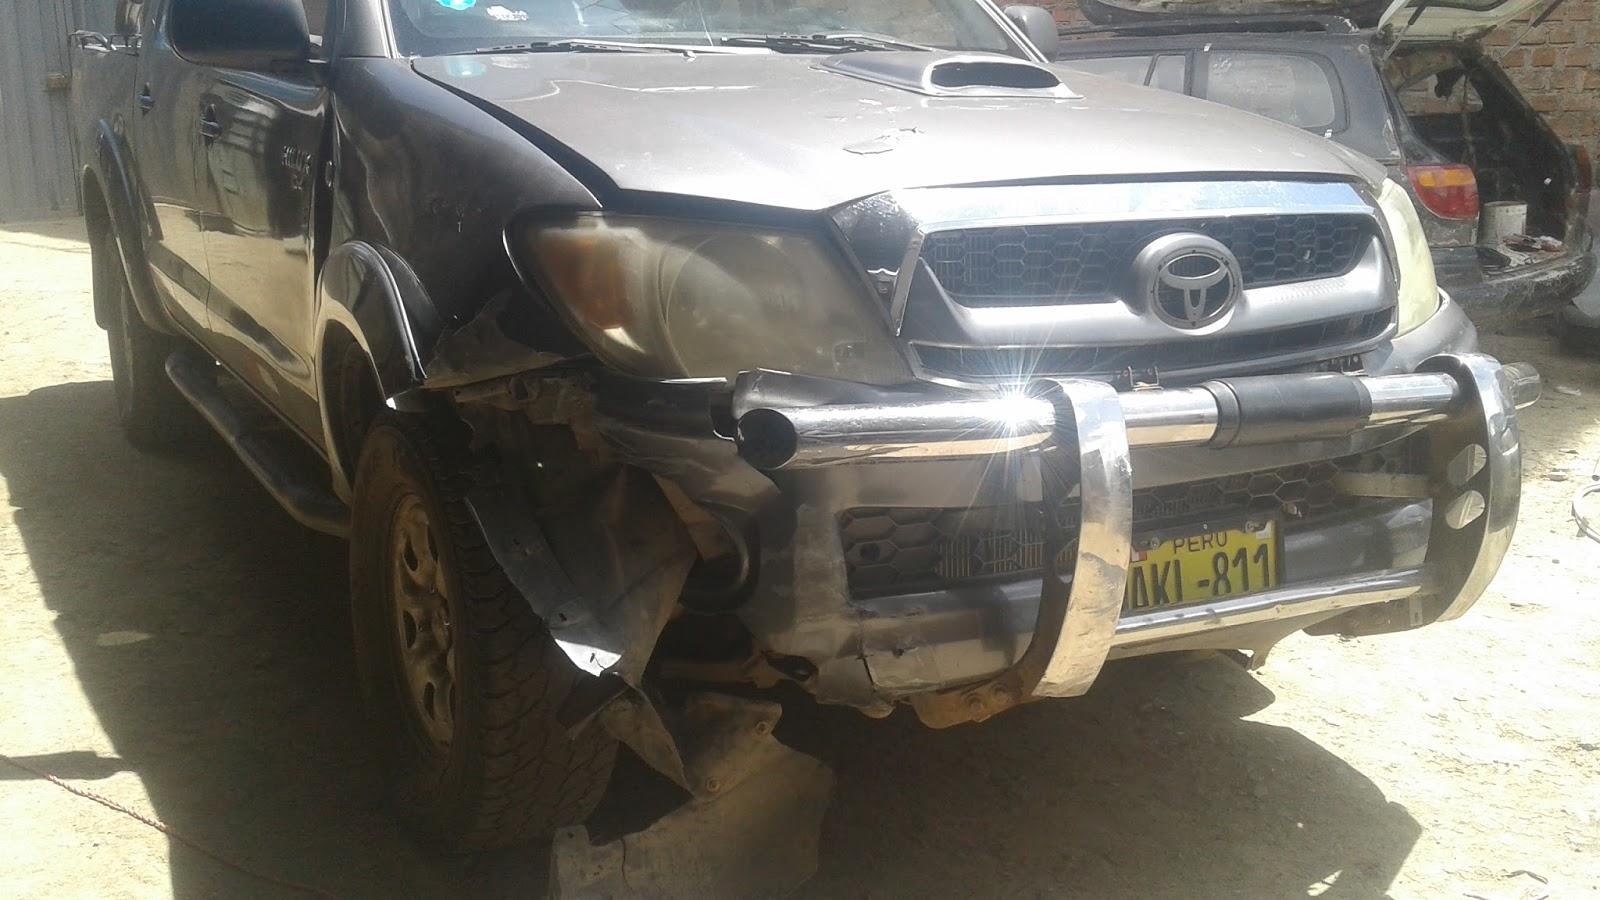 Automotriz Huancayo : Toyota Hilux chocado